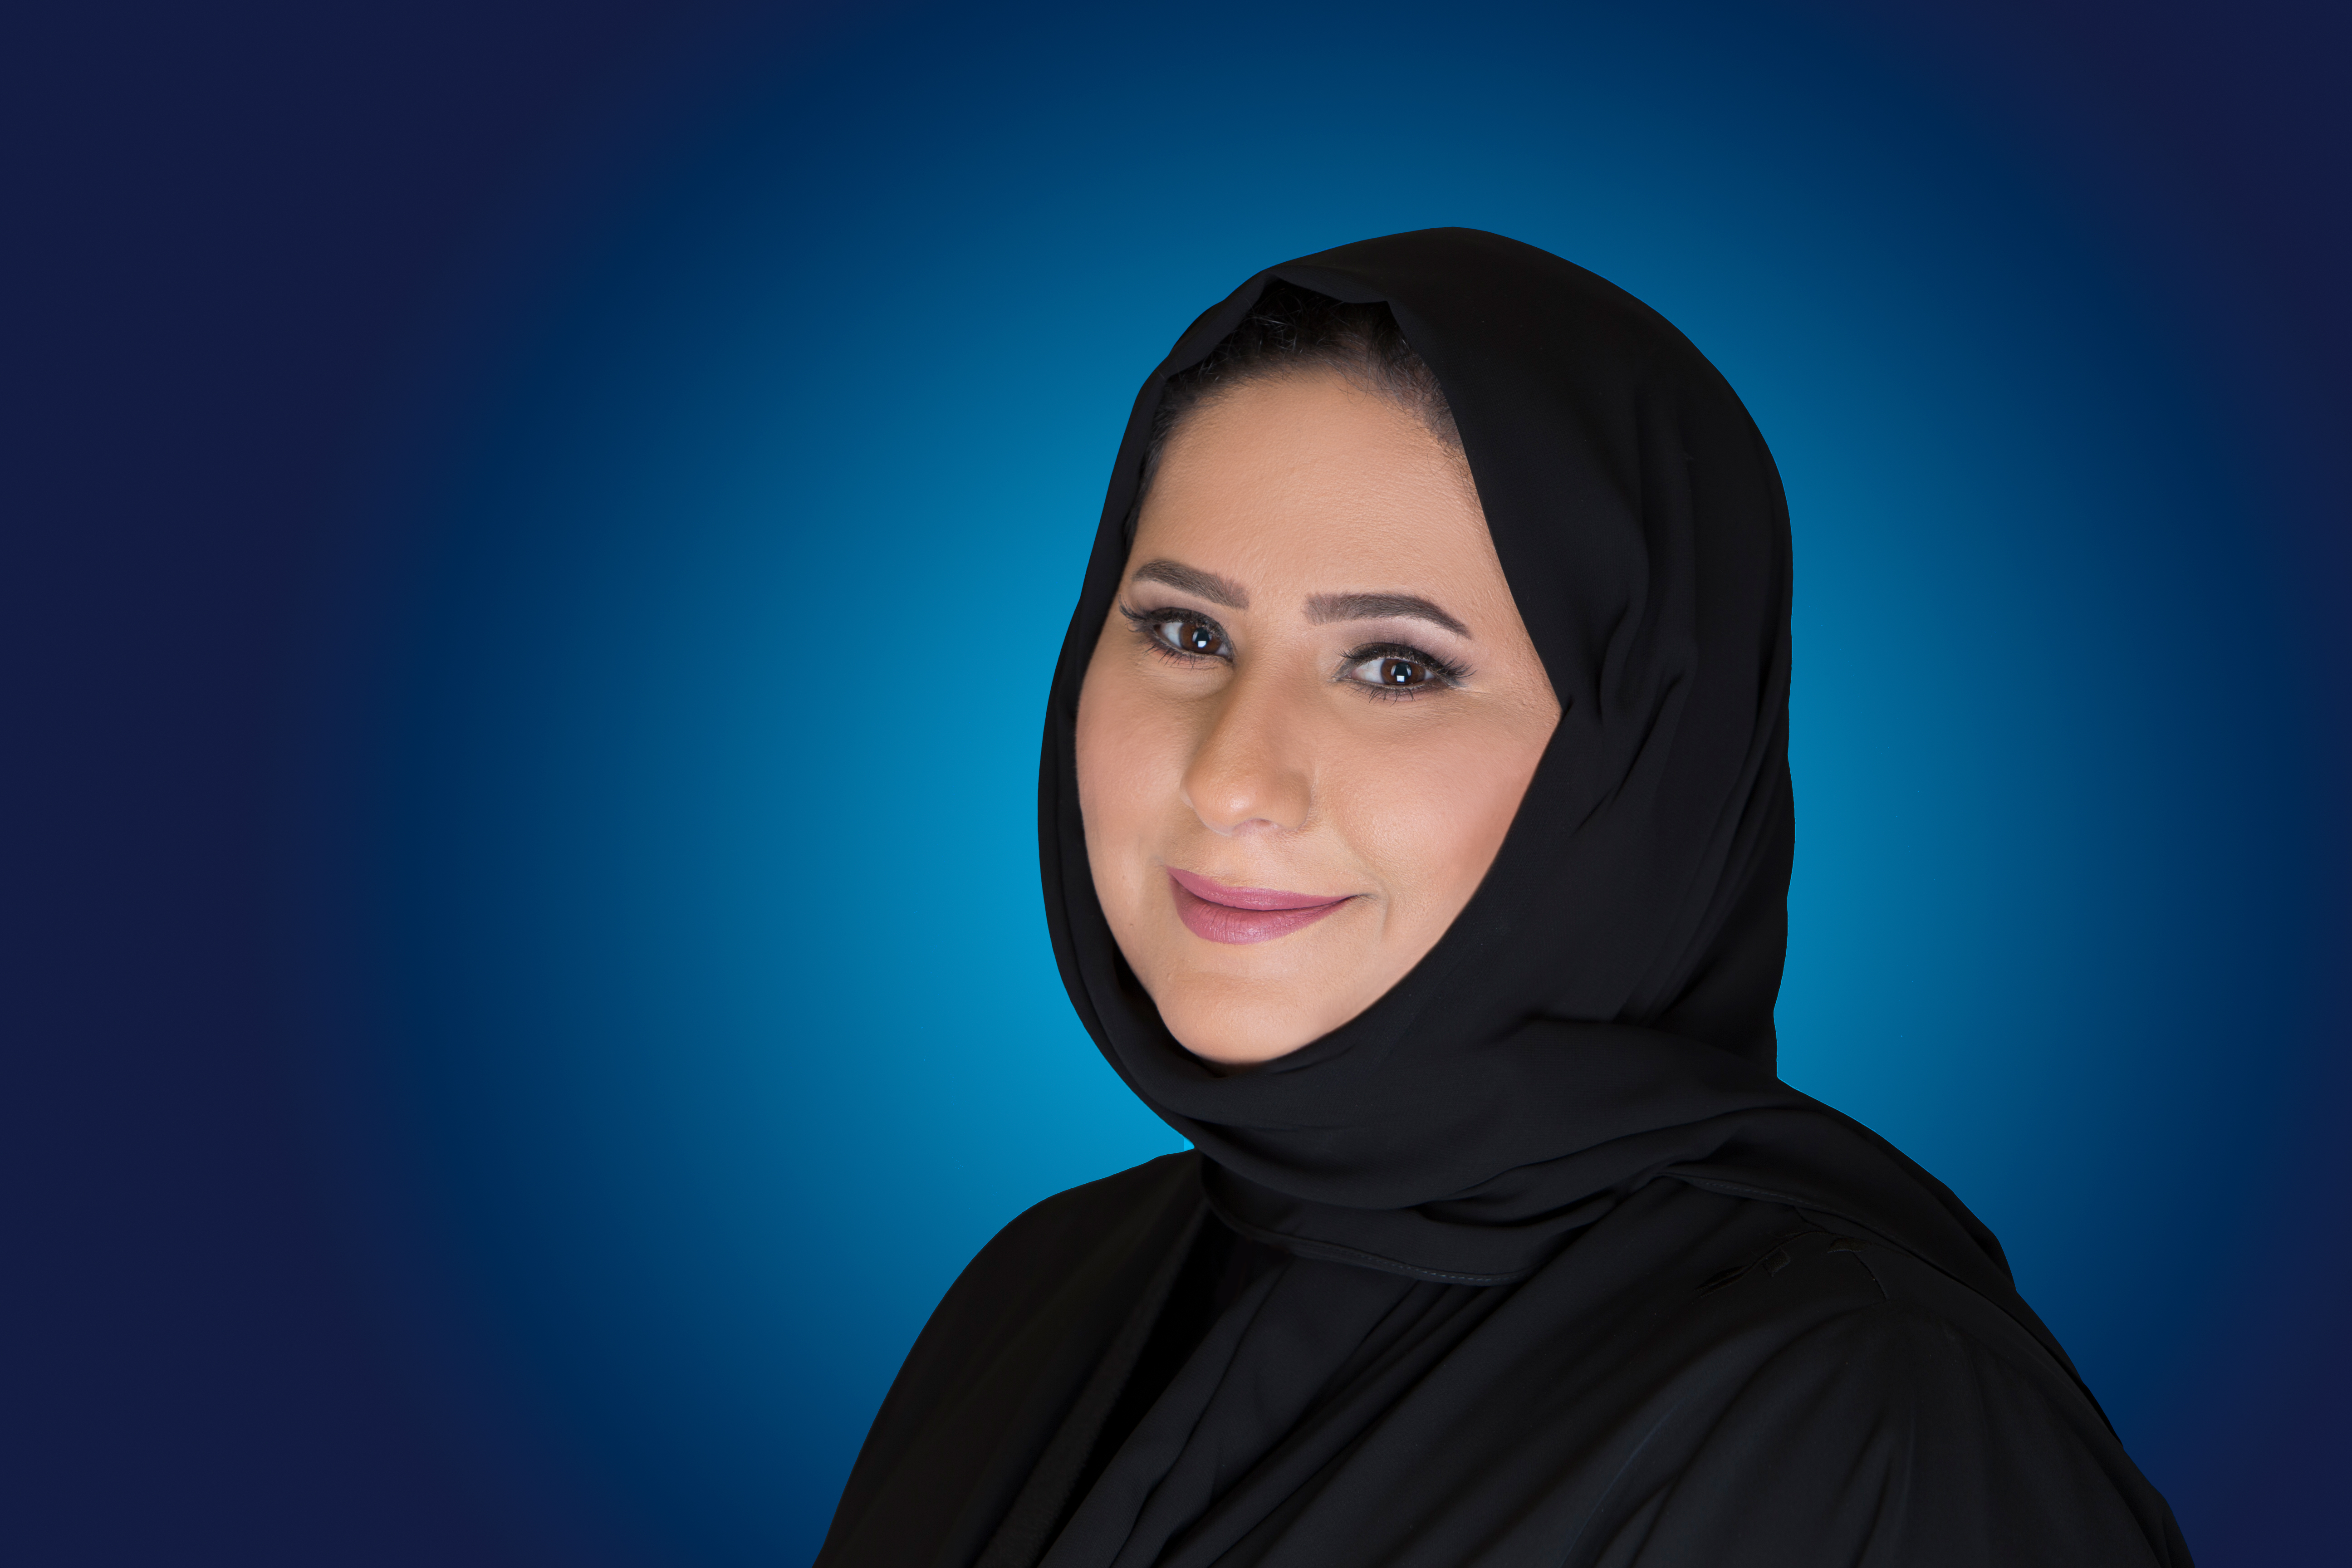 Fatma Al-Nuaimi